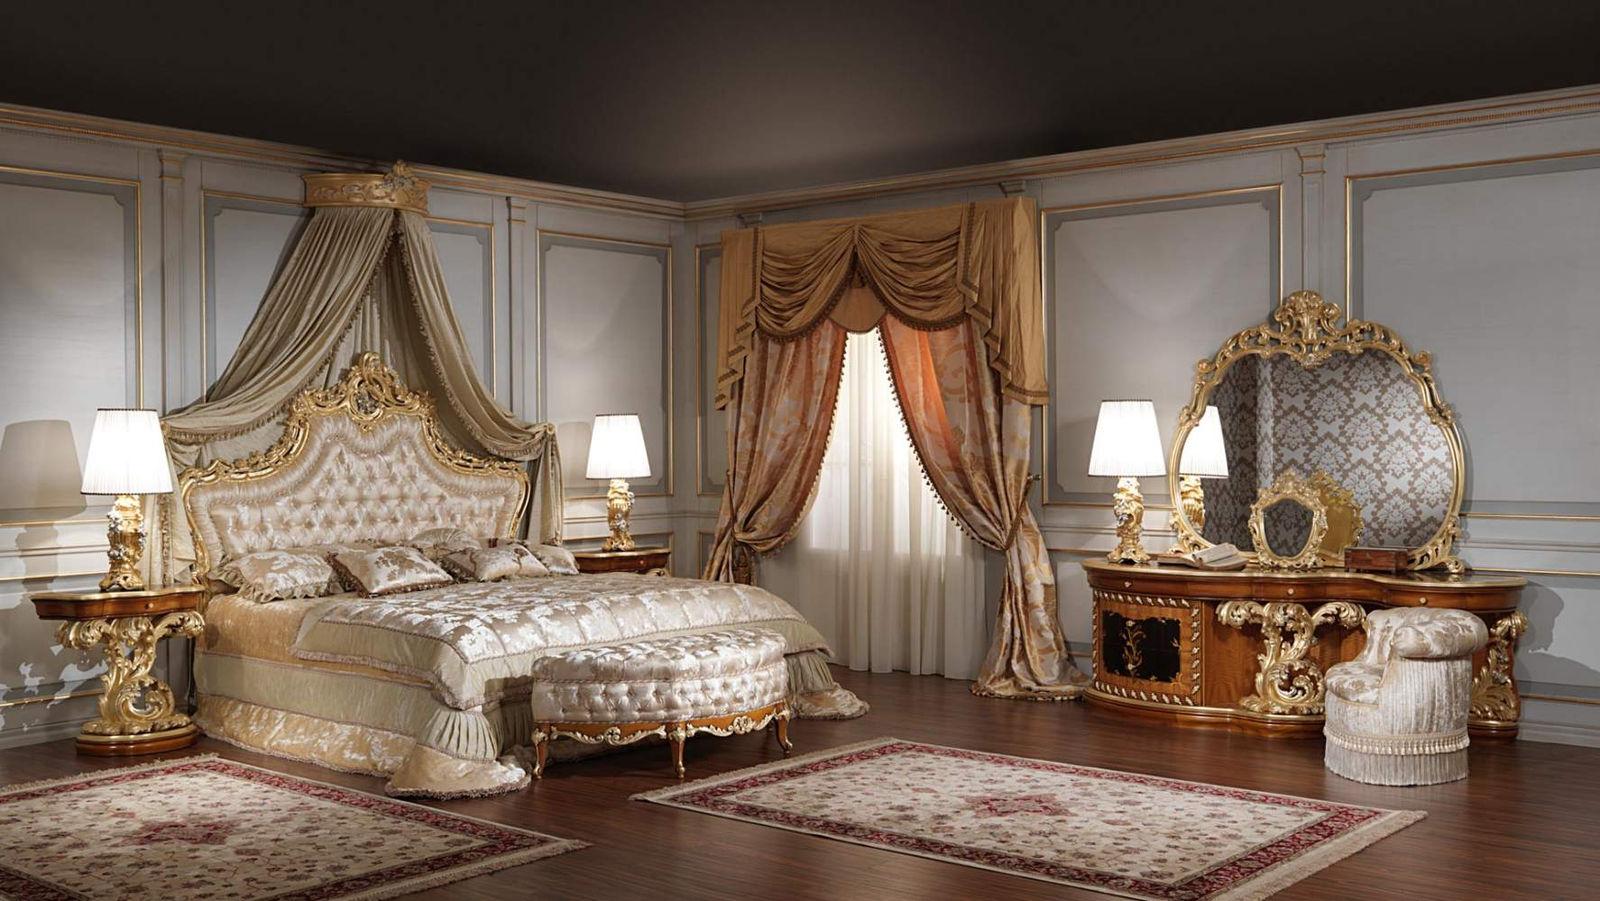 Спальня в стиле барокко будет лучшим решением для любителей изысканности и роскоши